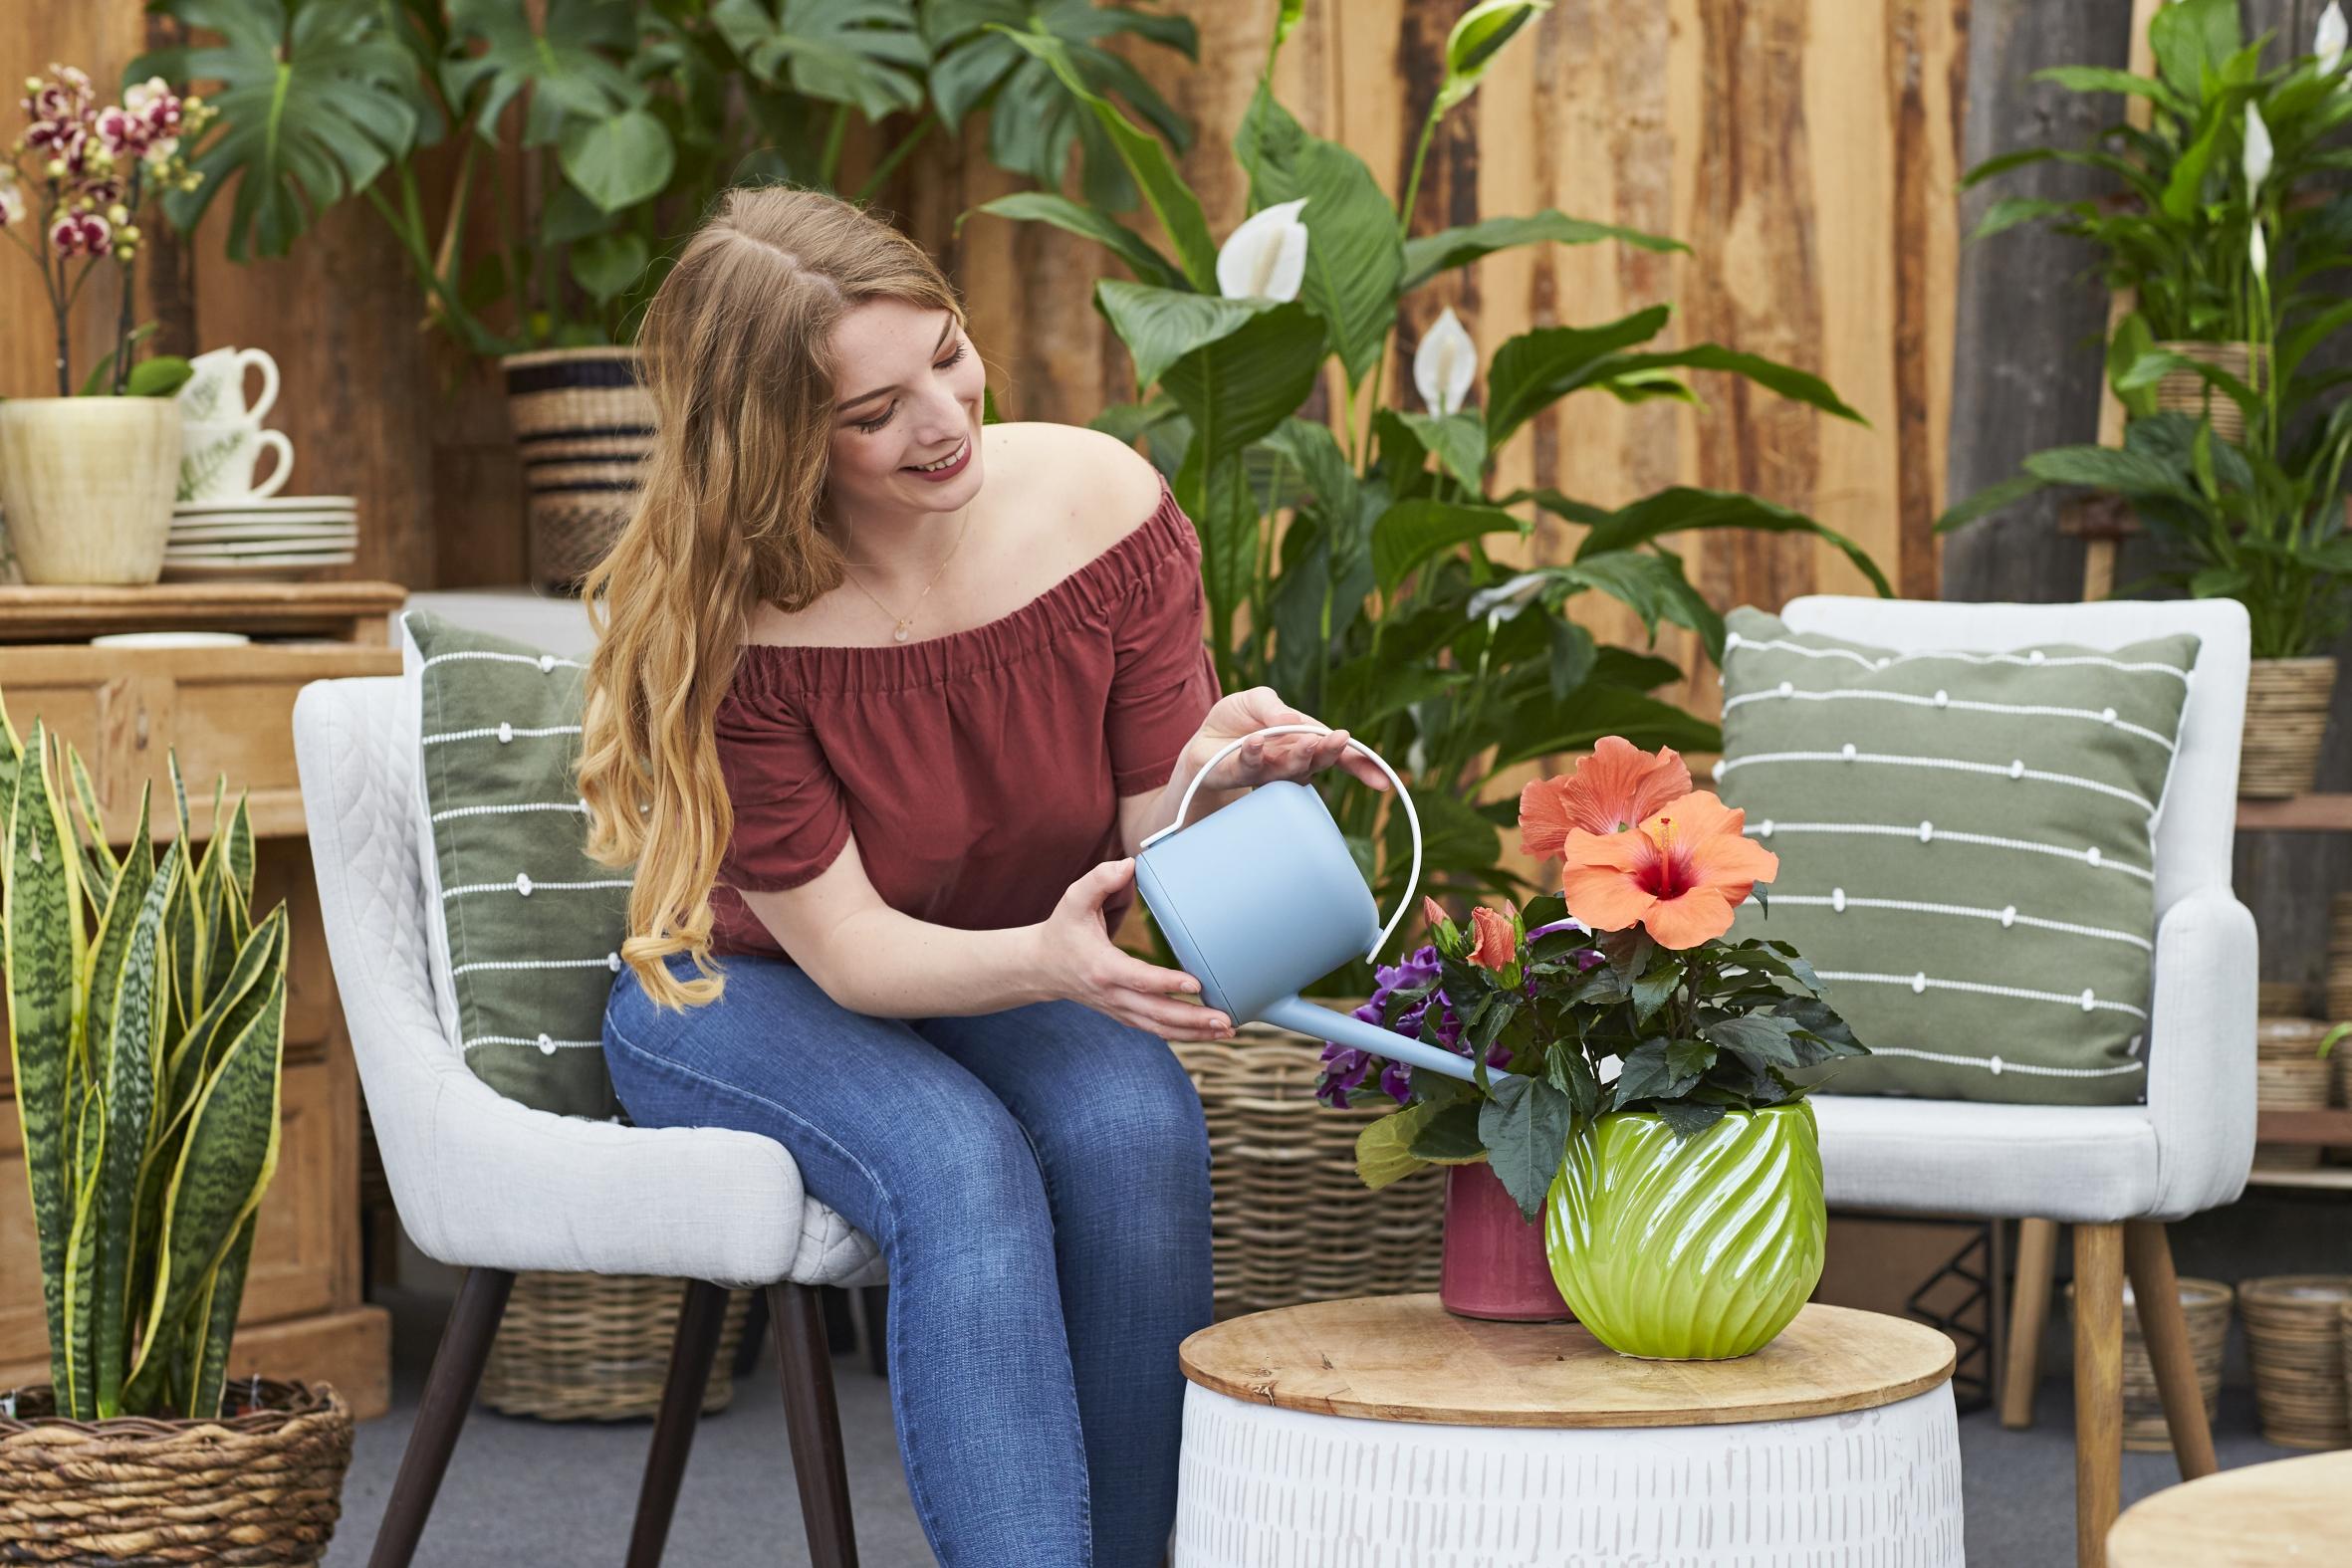 """Für noch mehr """"Natürlich schöne Augenblicke"""": Neue Internetseite hilft beim Finden der persönlichen Lieblingspflanze(n)"""